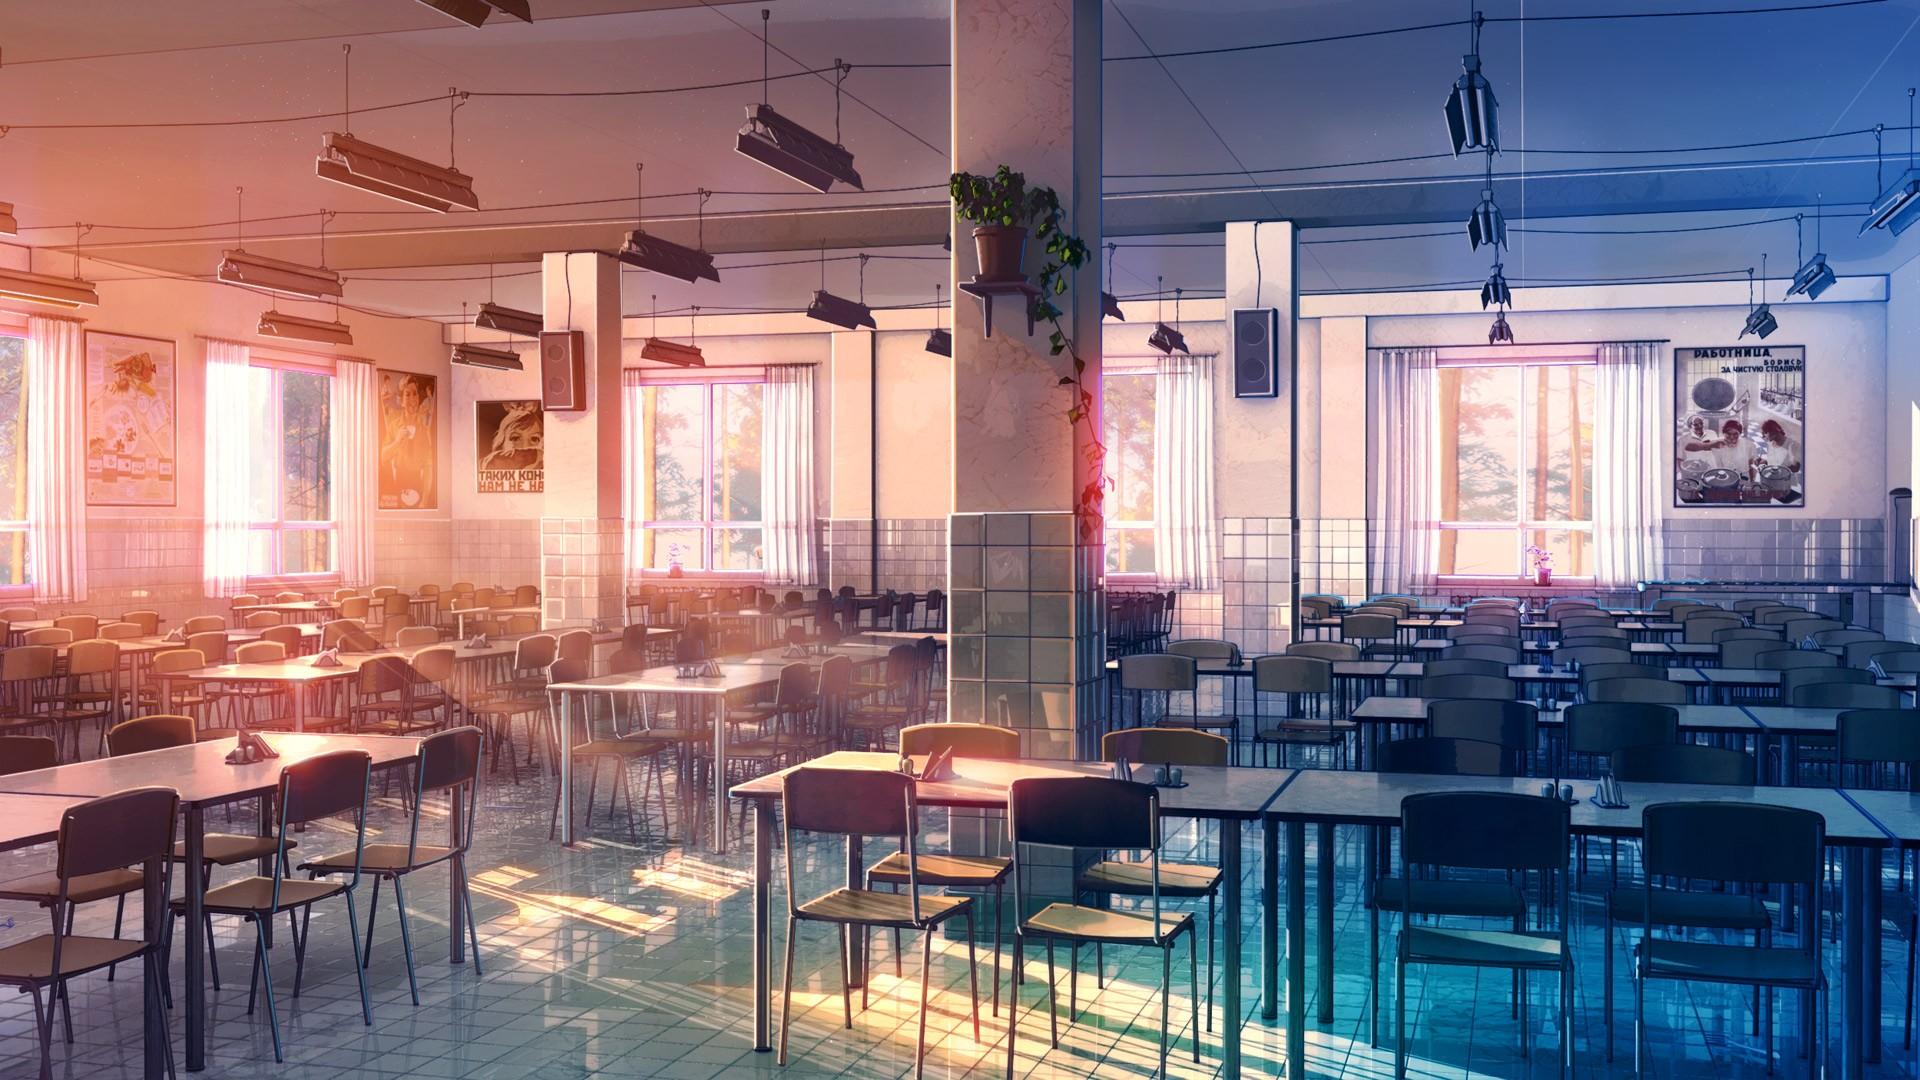 Sfondi : sedia caffetteria bar ristorante piastrelle interior